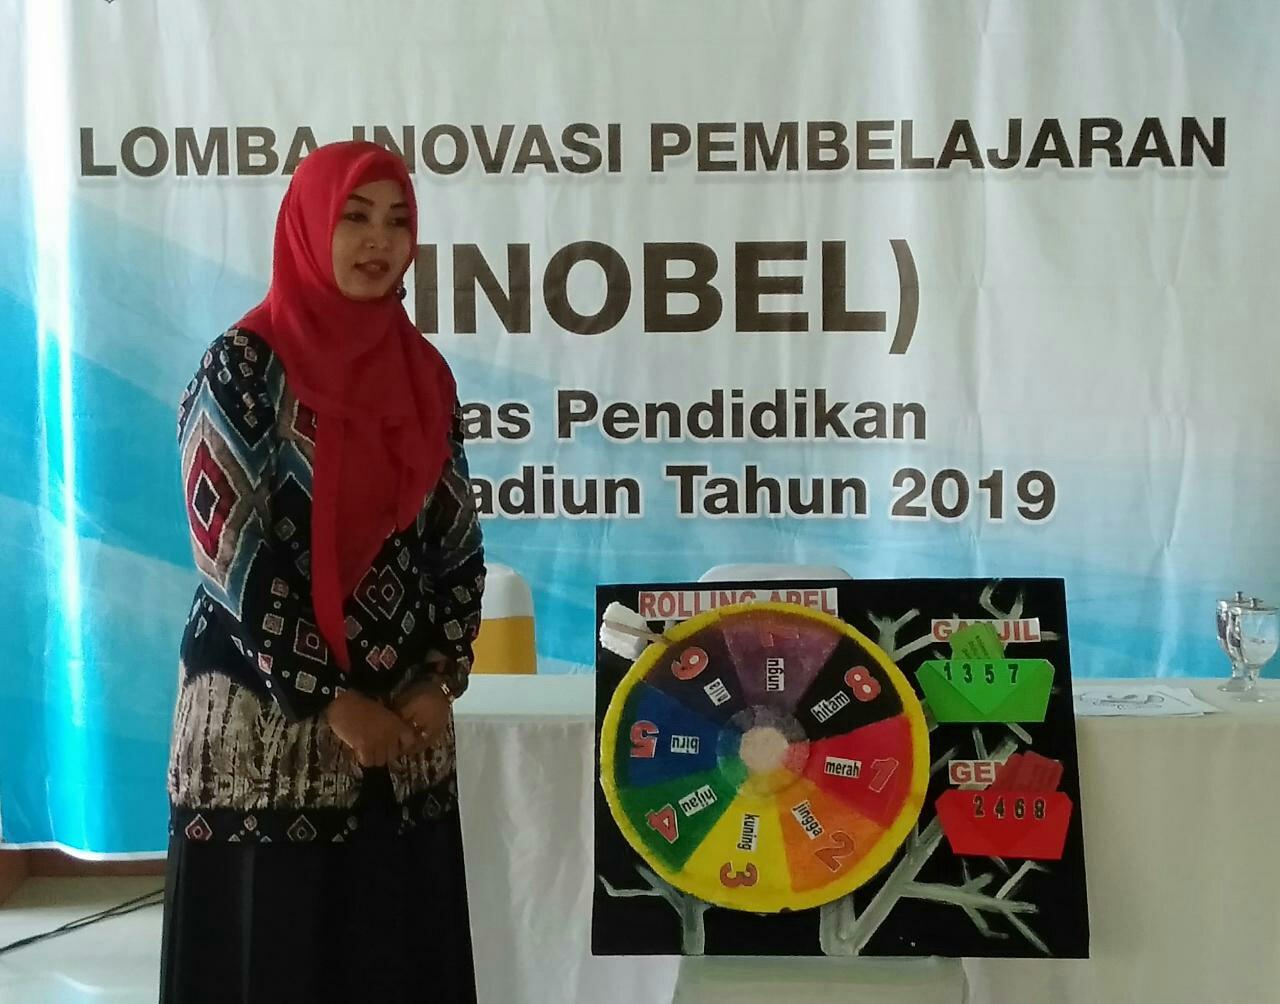 Kegiatan Lomba Inovasi Pembelajaran Inobel Tahun 2019 Dinas Pendidikan Kota Madiun